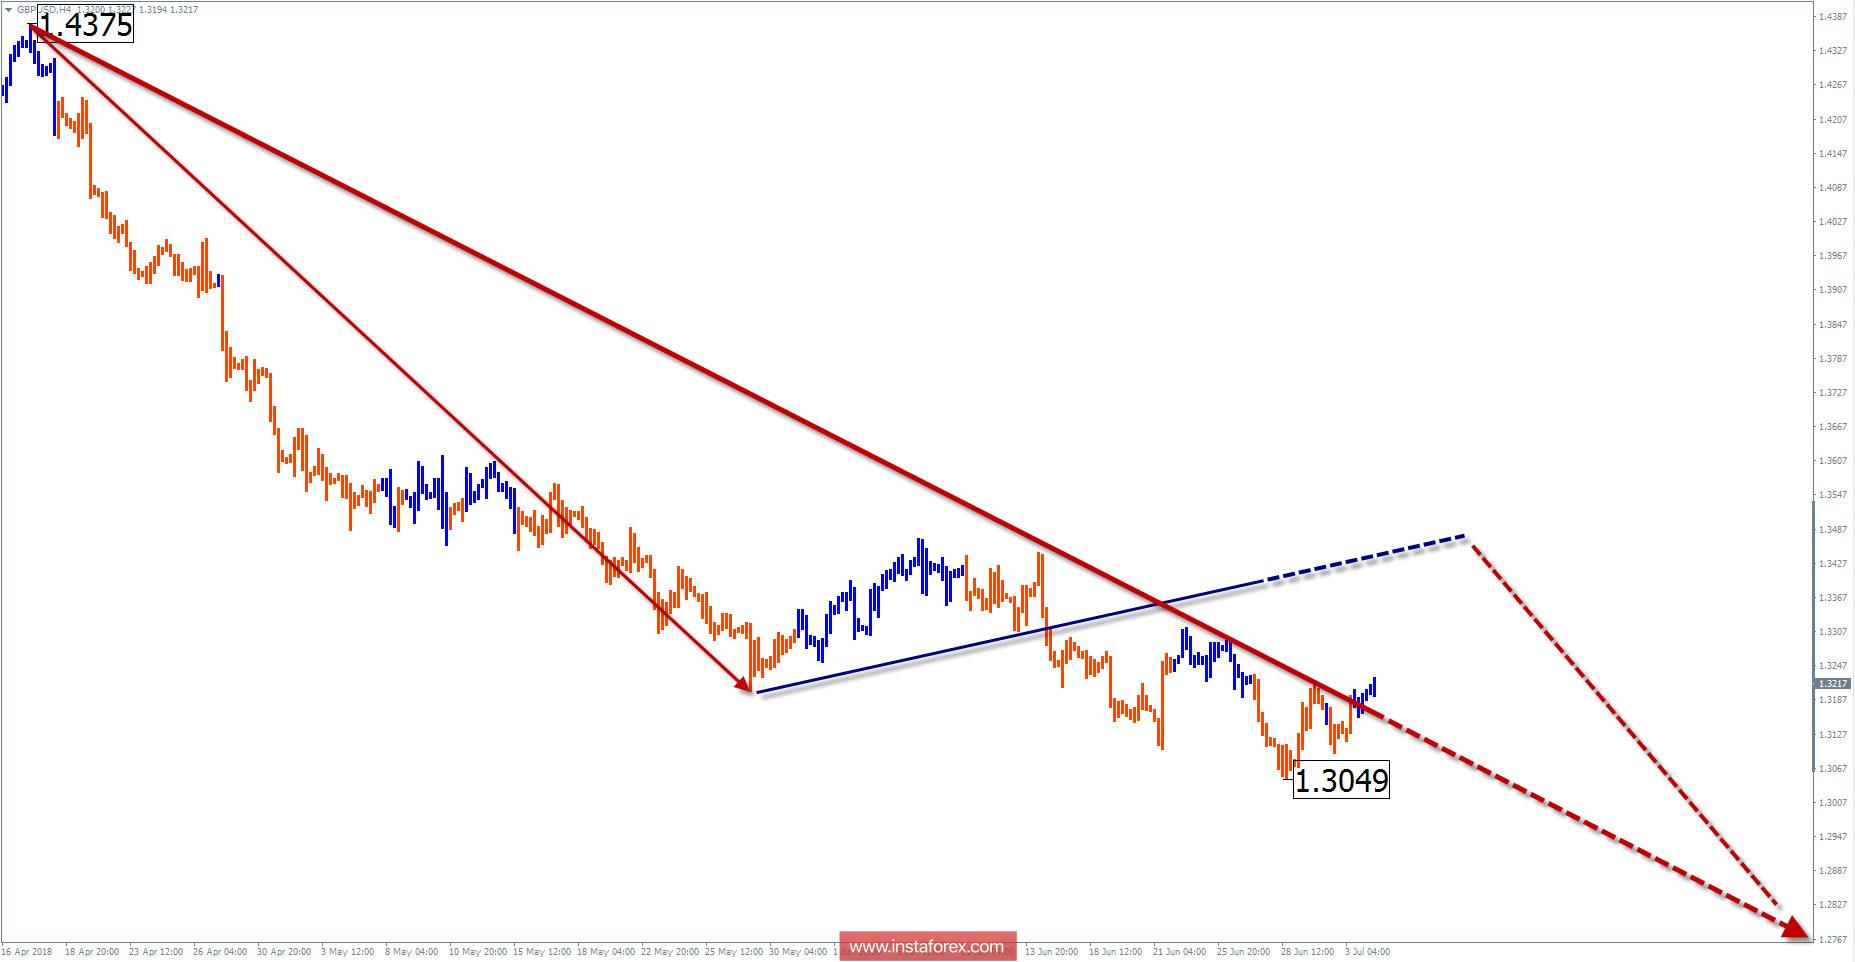 Обзор GBP/USD на неделю от 4 июля по упрощенному волновому анализу